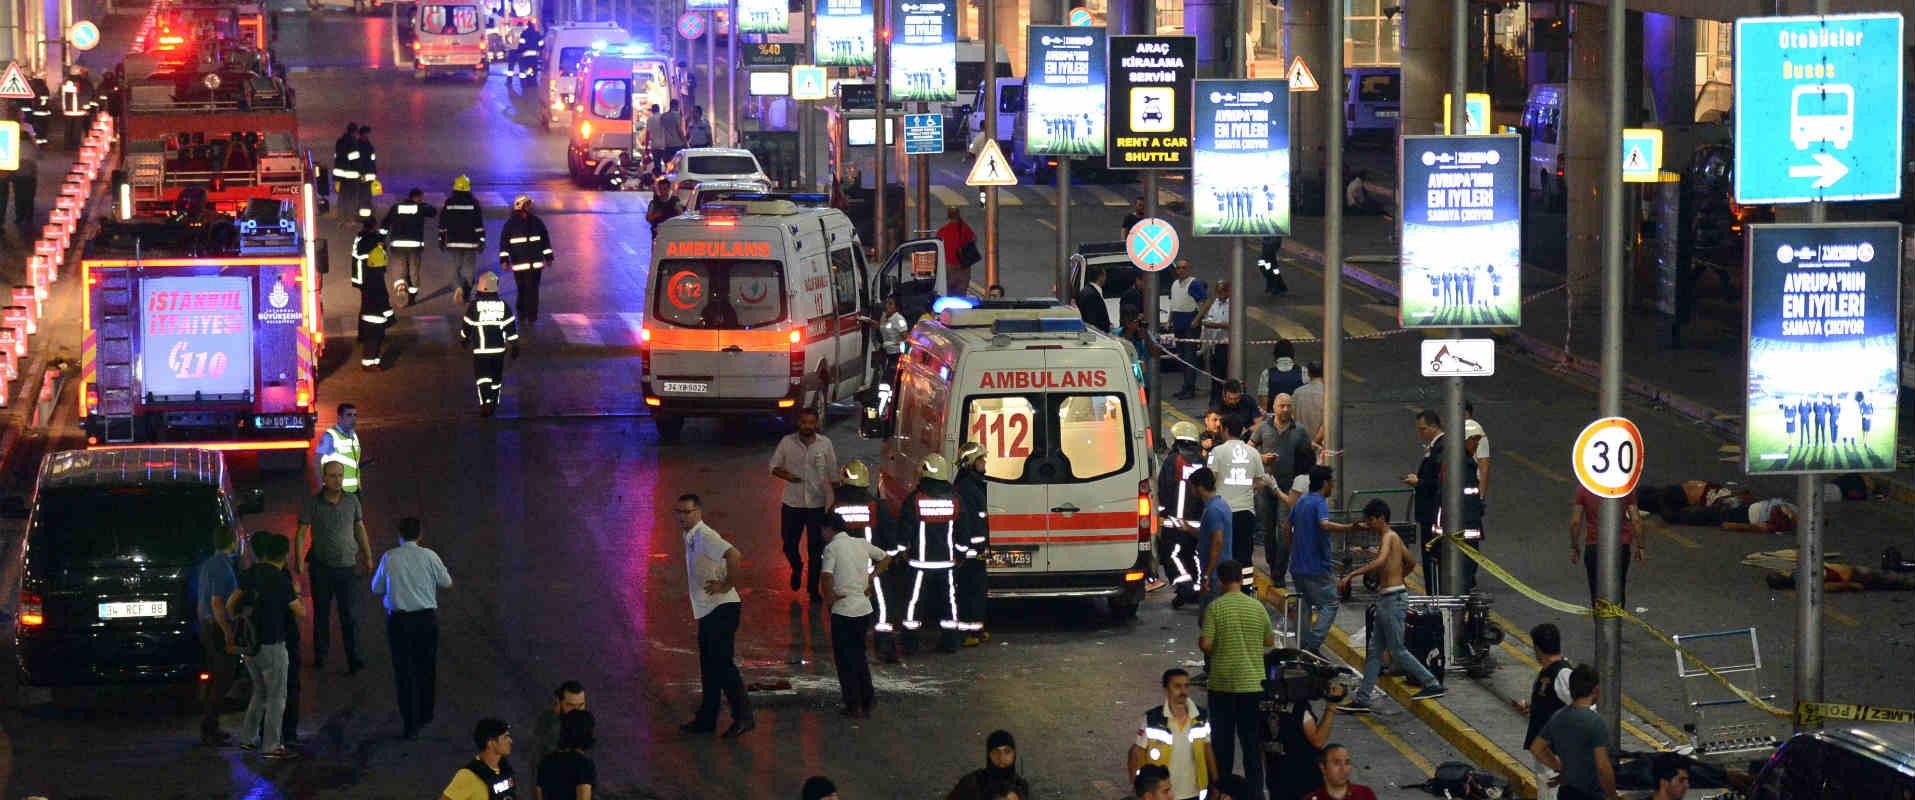 זירת הפיגוע בשדה התעופה אתאטורק, יוני 2016